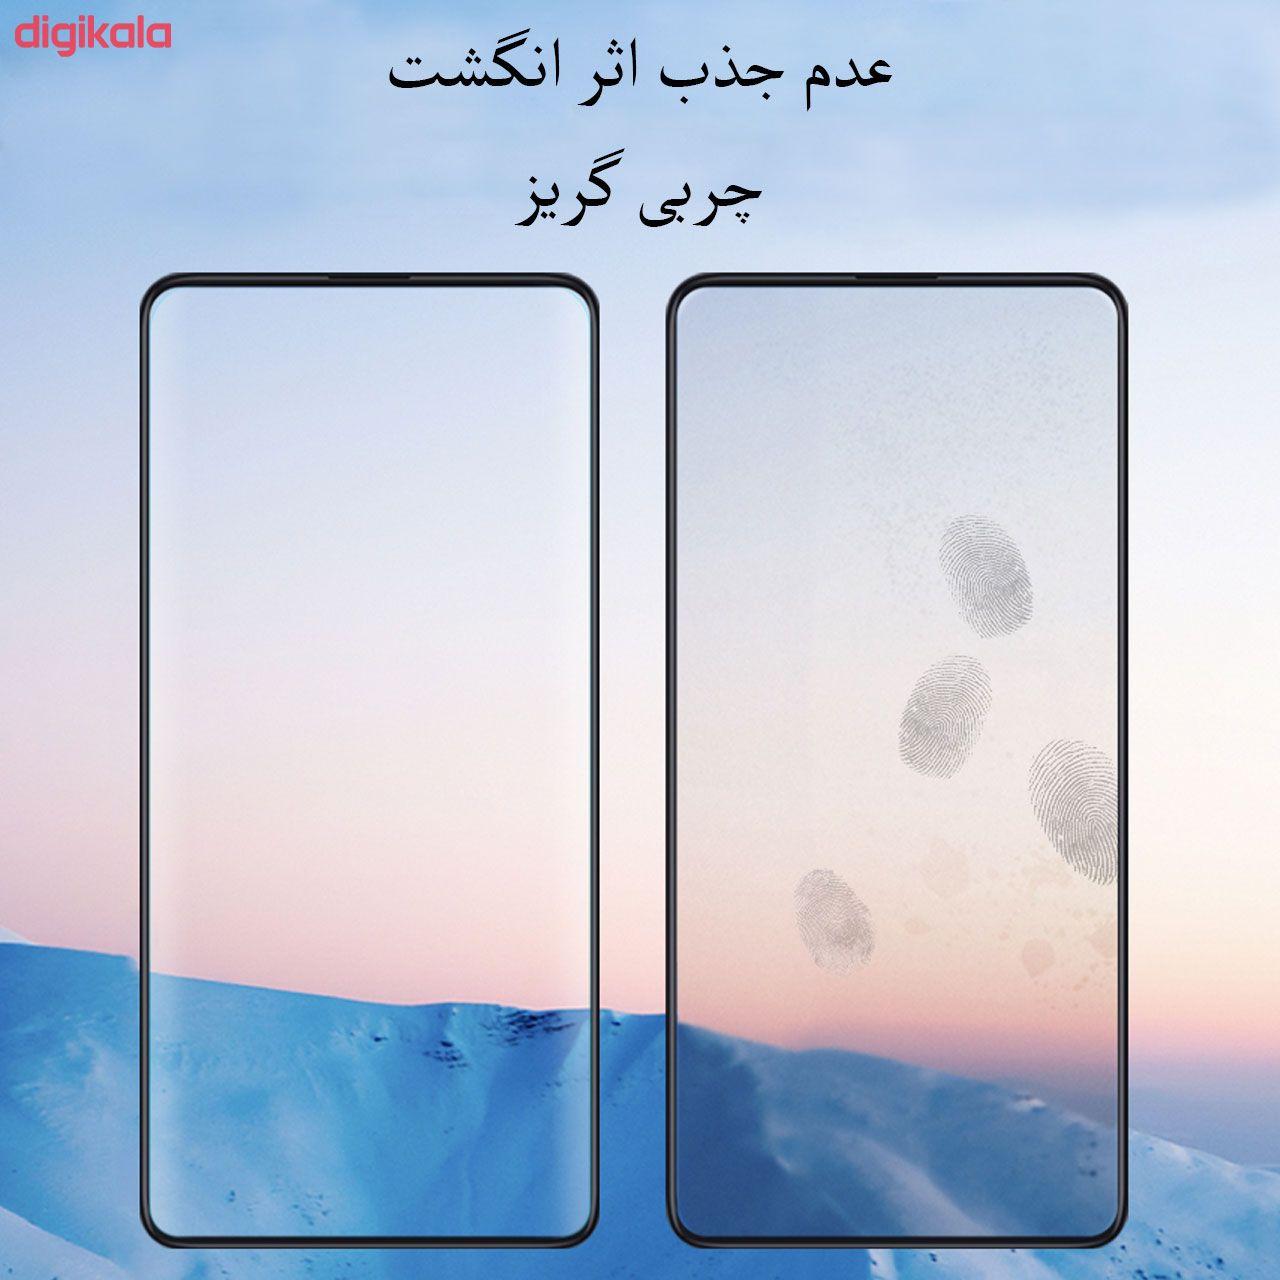 محافظ صفحه نمایش مدل FCG مناسب برای گوشی موبایل سامسونگ Galaxy A11 main 1 9